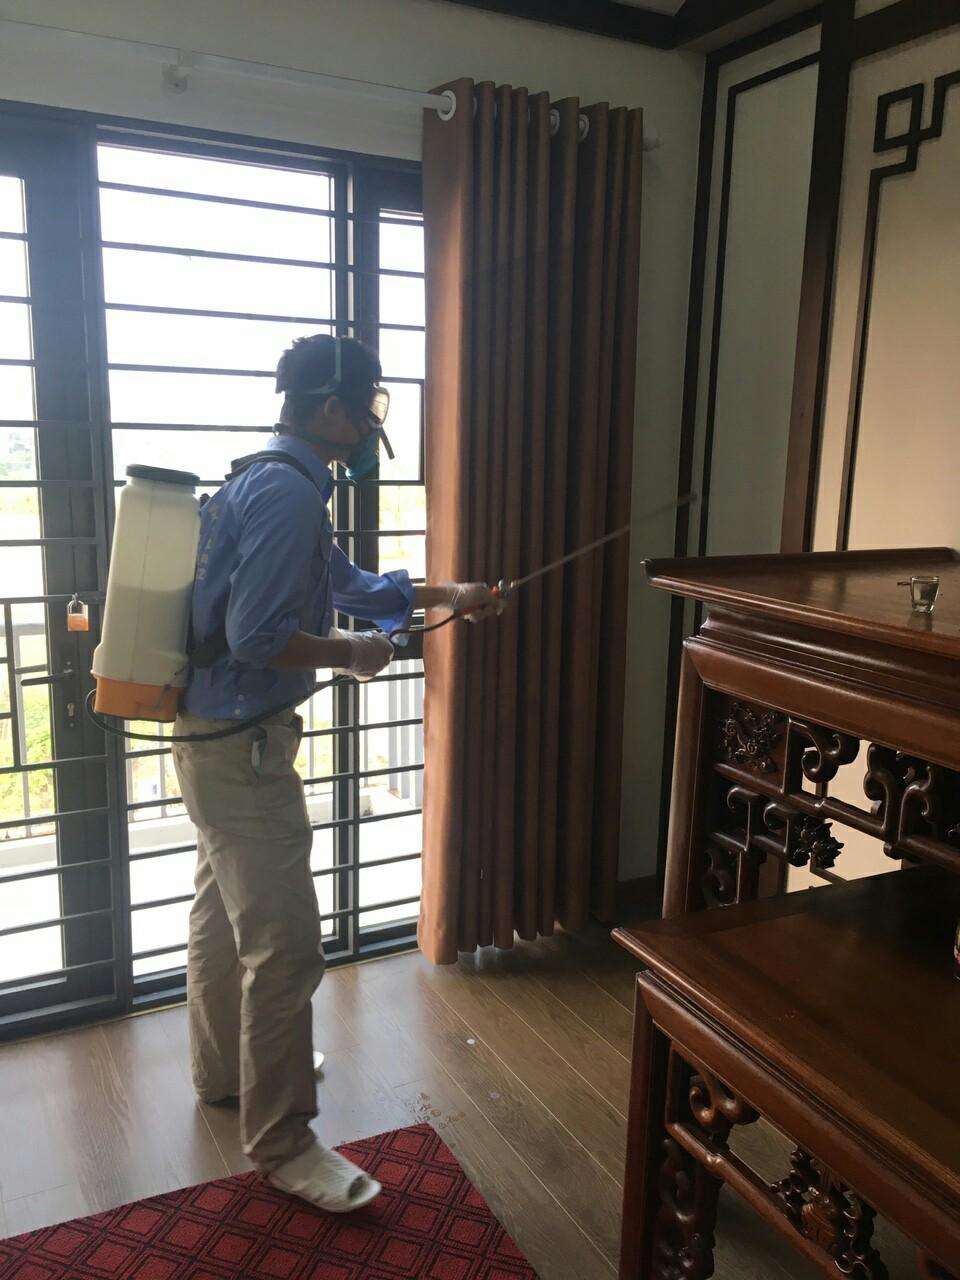 Dịch vụ diệt ruồi an toàn, giá rẻ tại Nhà Hàng, Khách Sạn